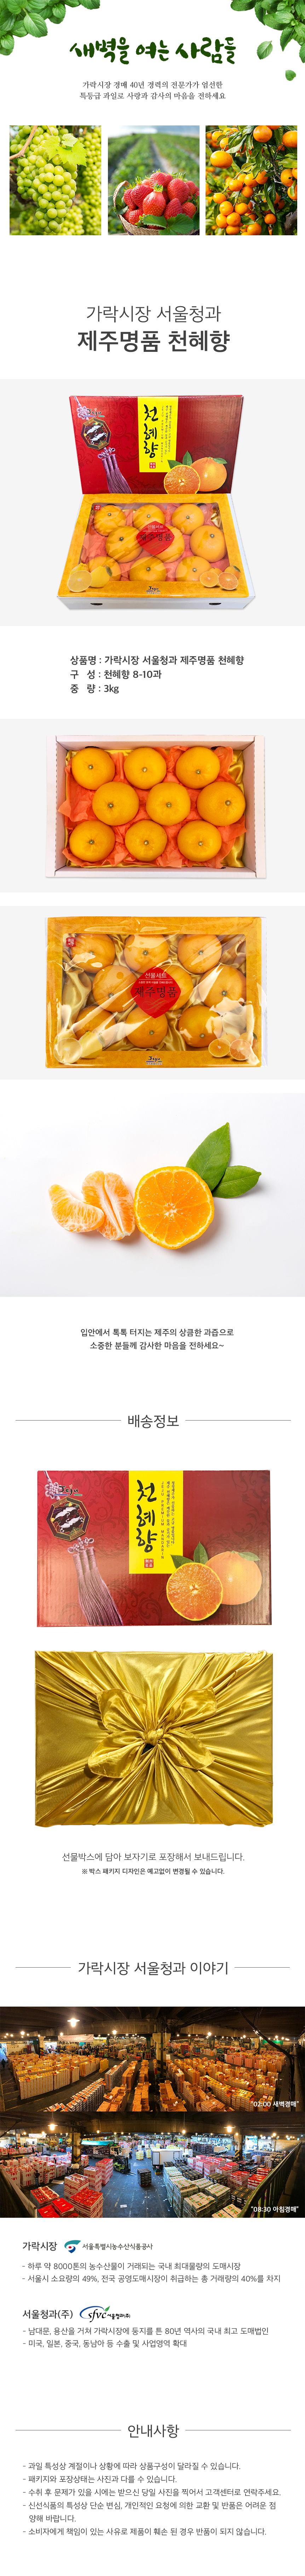 가락시장 서울청과 제주명품 천혜향 세트 3kg